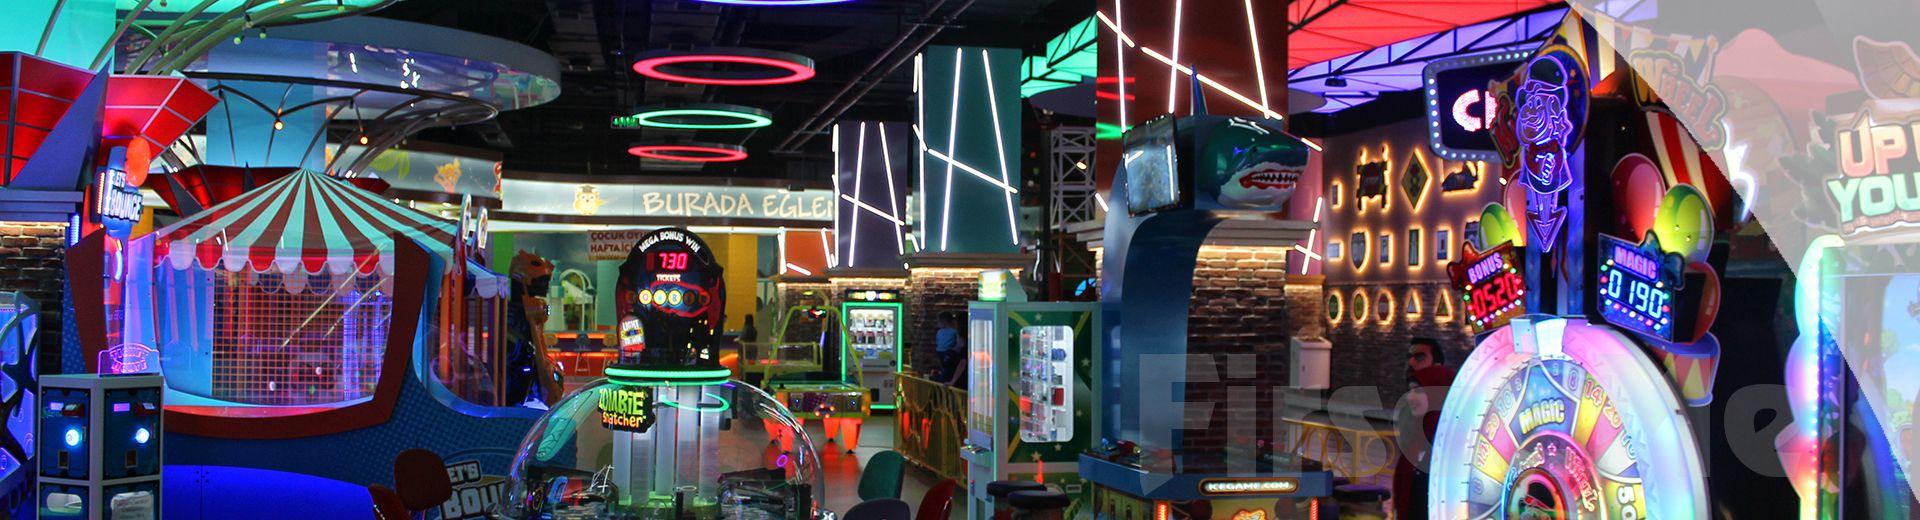 JoyPark Şubelerinde Geçerli Oyun Kartları